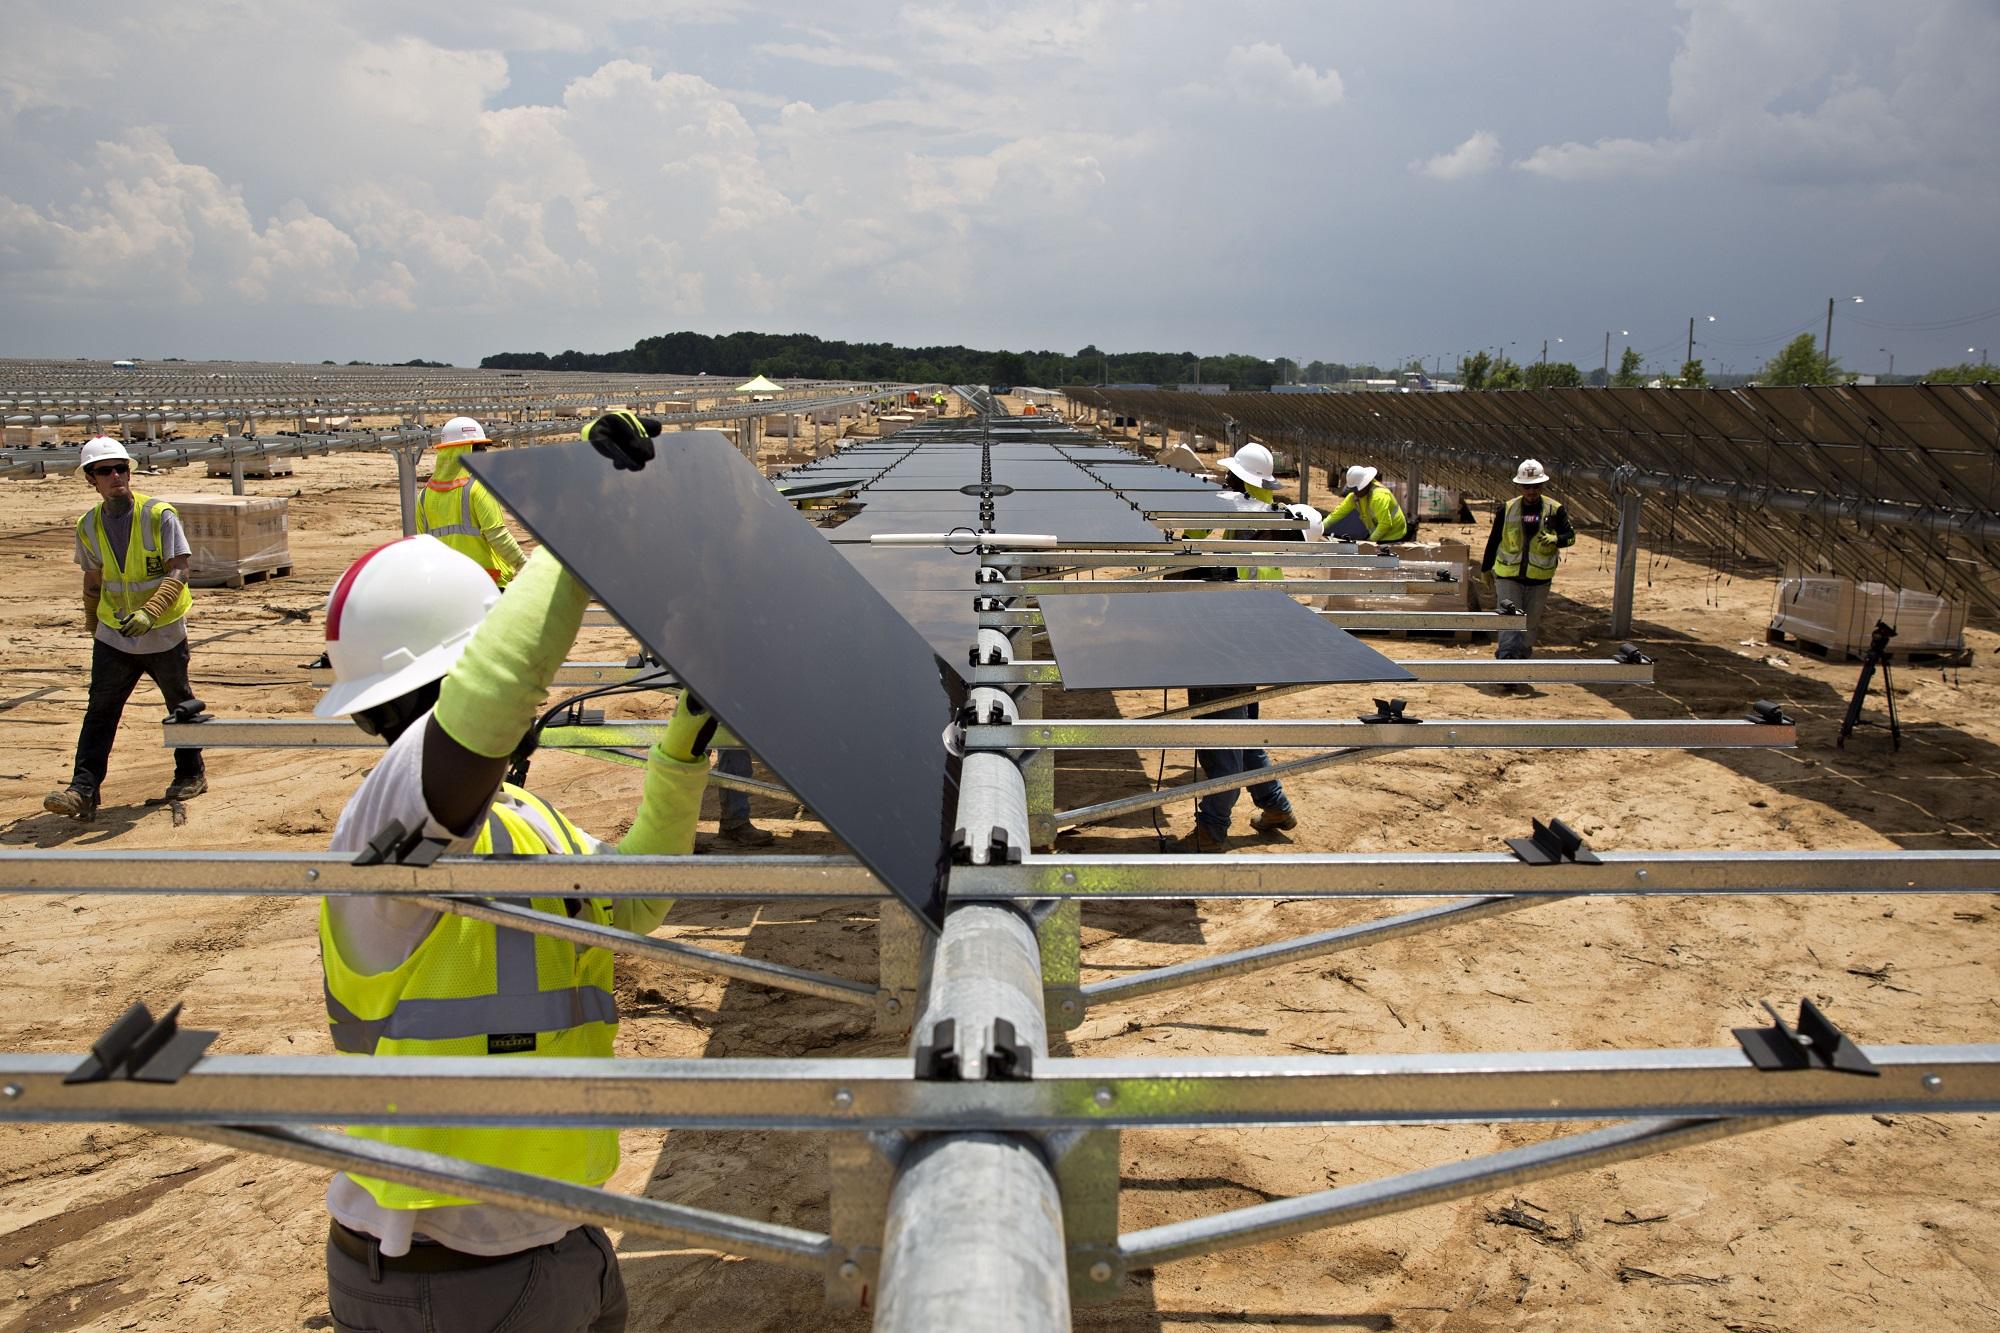 Energia Solare In Sicilia intesa sanpaolo: 55 mln a canadian solar per 12 impianti